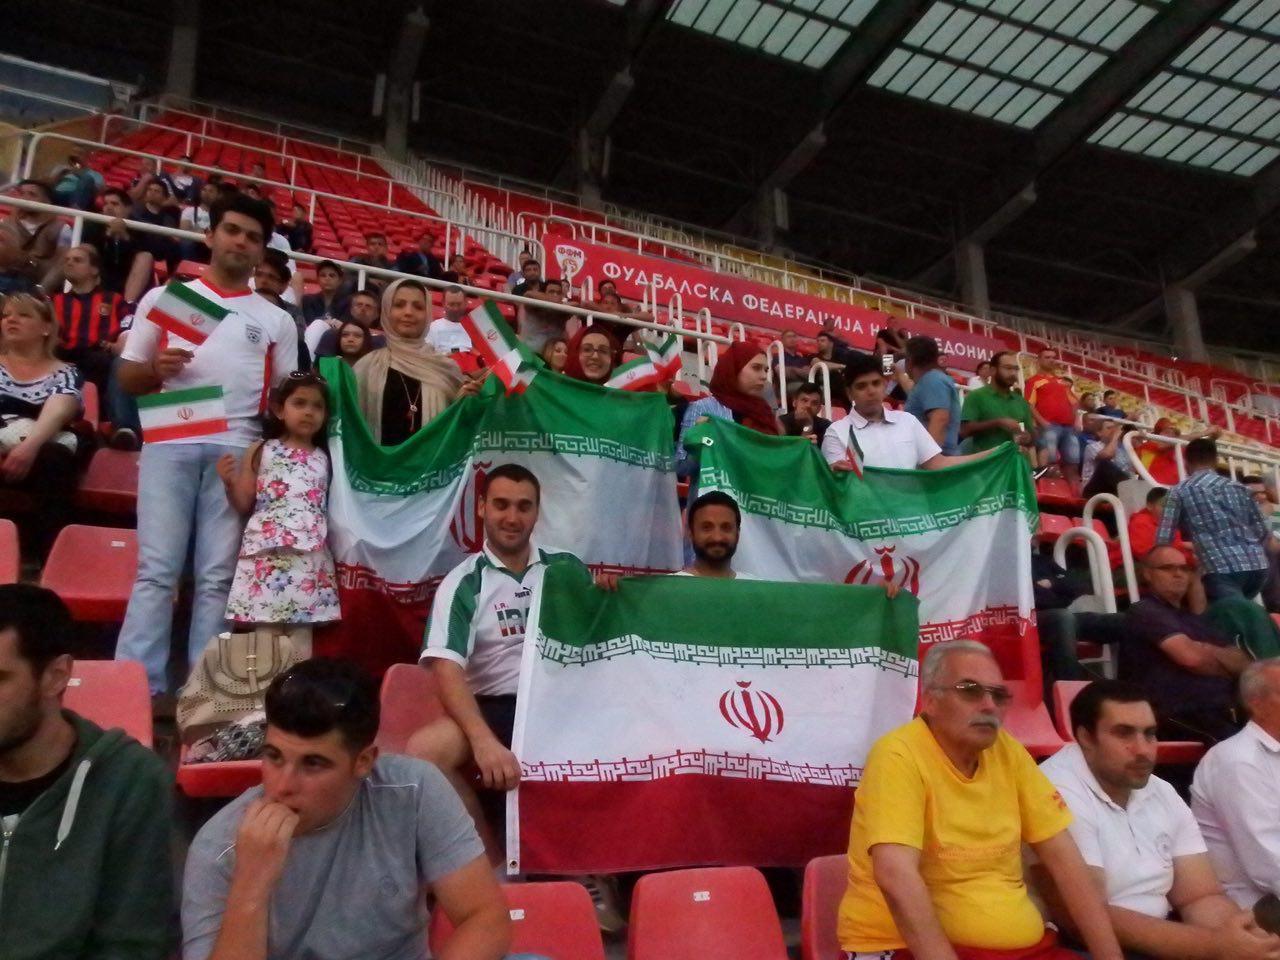 مقدونیه 1 - ایران 3 + تصاویر